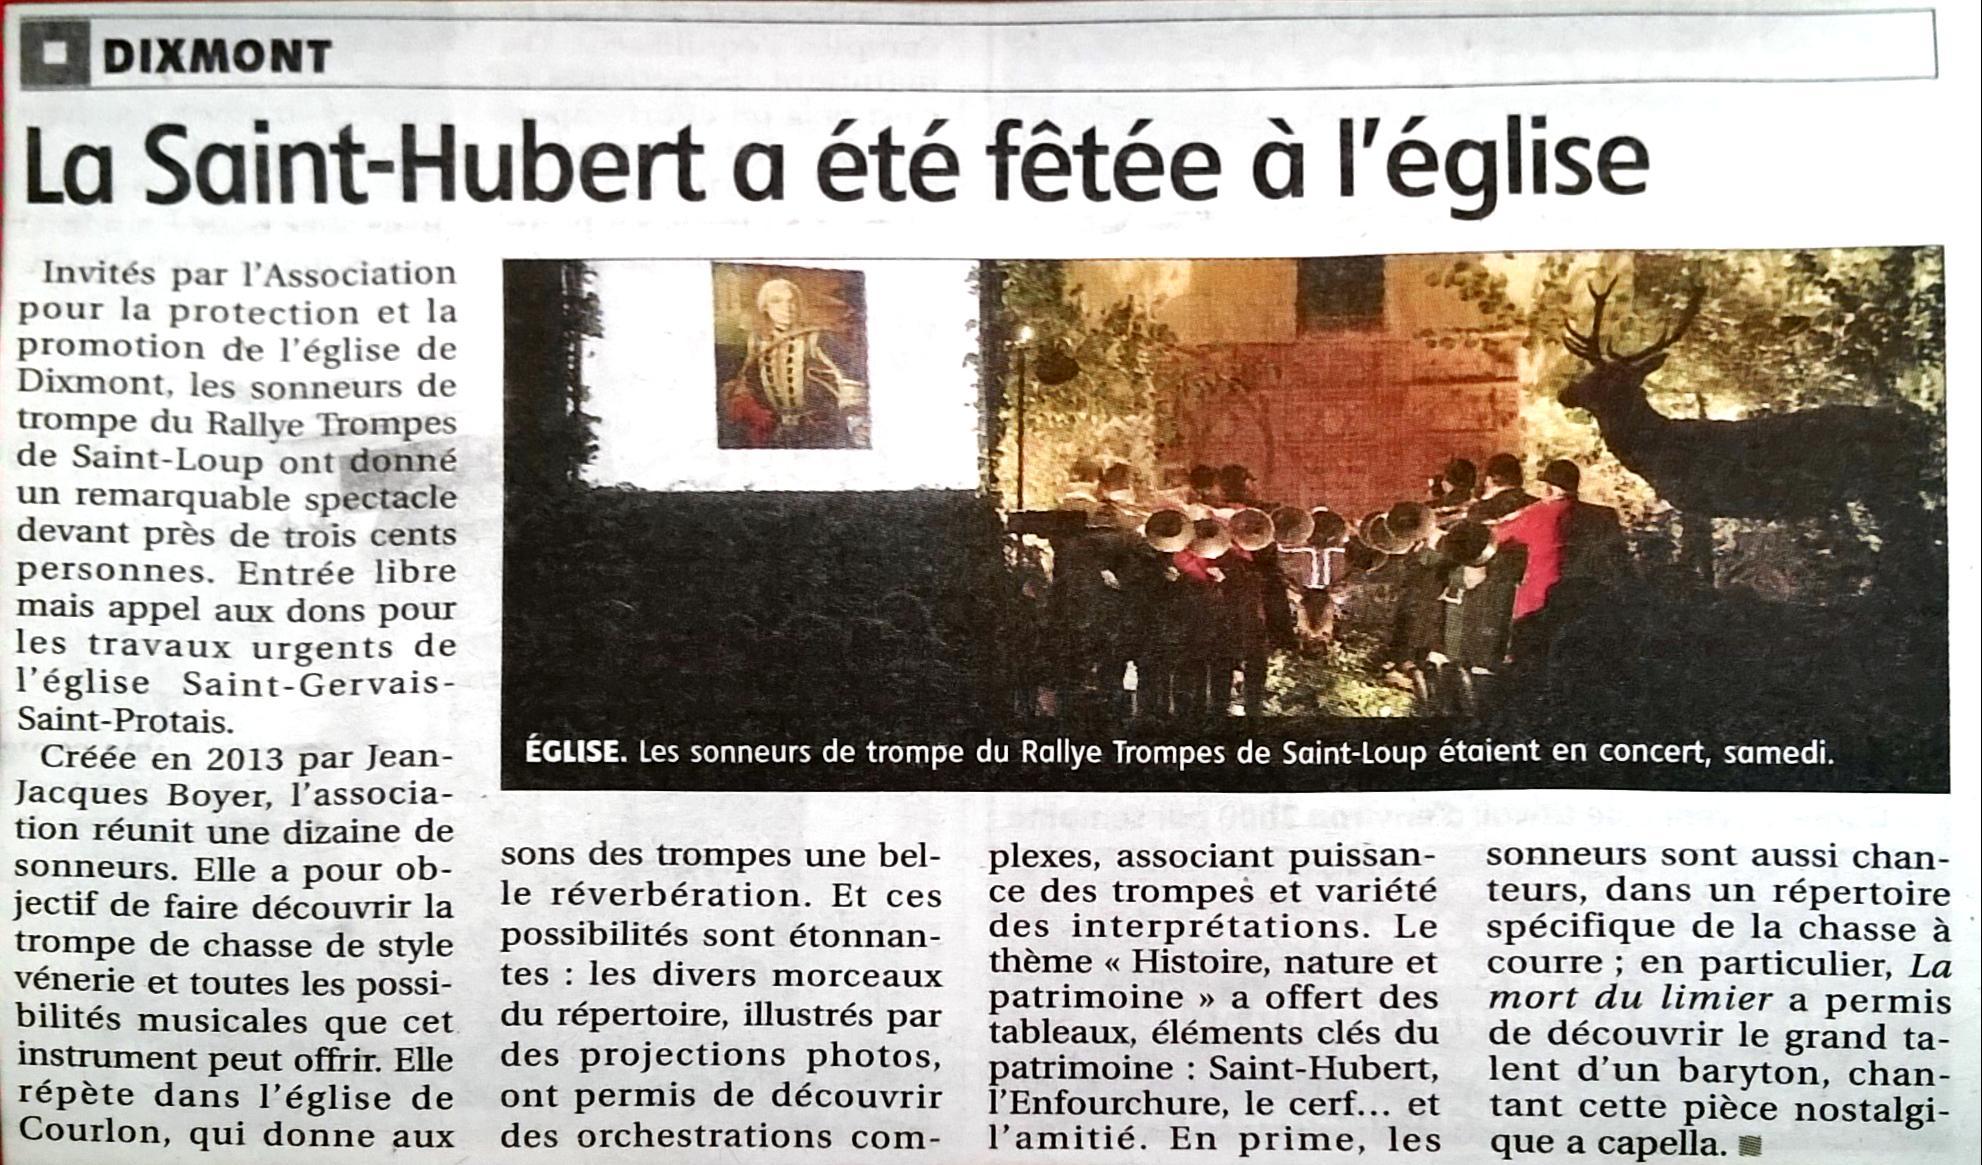 Yonne Républicaine 26/10/2015